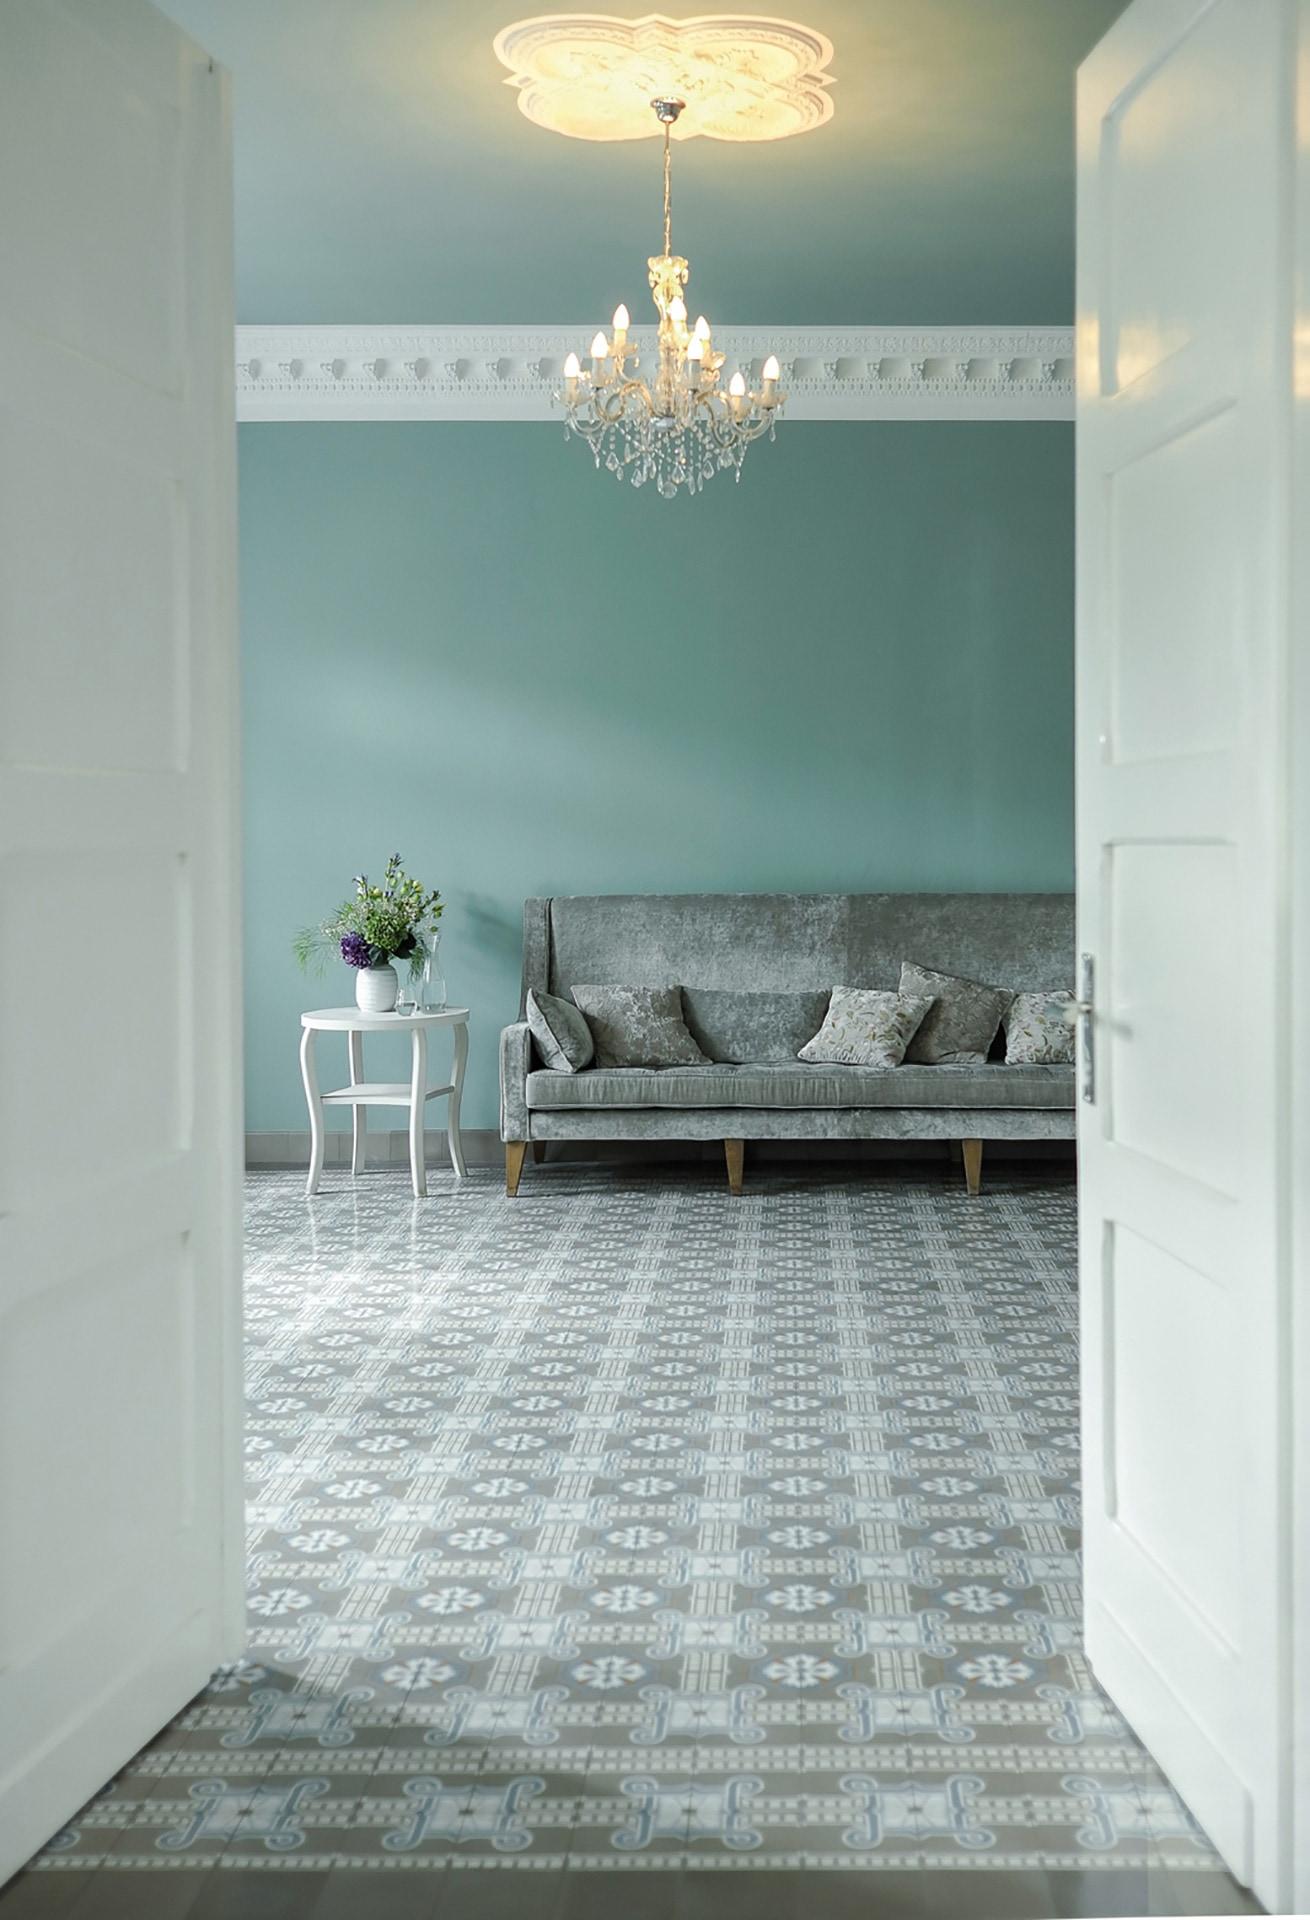 VIA Zementfliese N° 51051/141 in einem schönen Wohnraum mit Stuckleiste und Kronleuchter